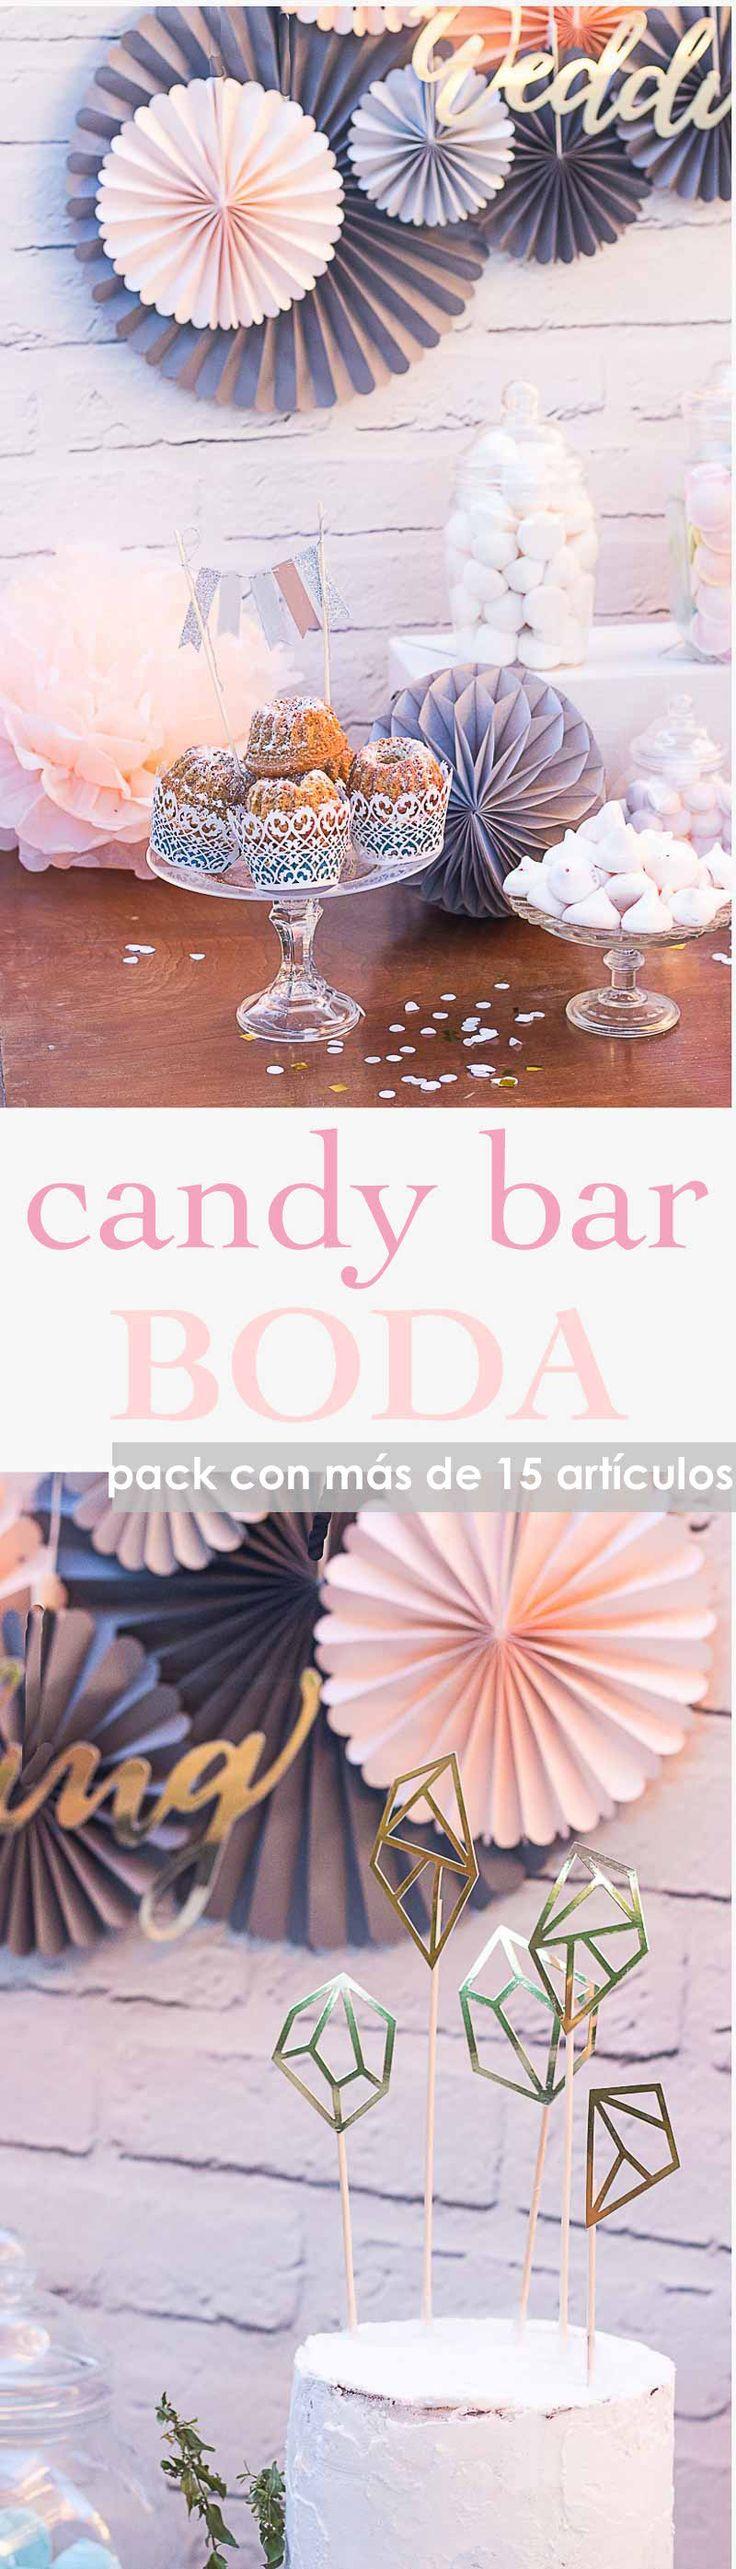 Candy bar para bodas. Mesa dulce boda . Set de decoración para candy bar bodas con más de 15 artículos. #candybar #wedding #mesadulce #bodas #mesadulceboda